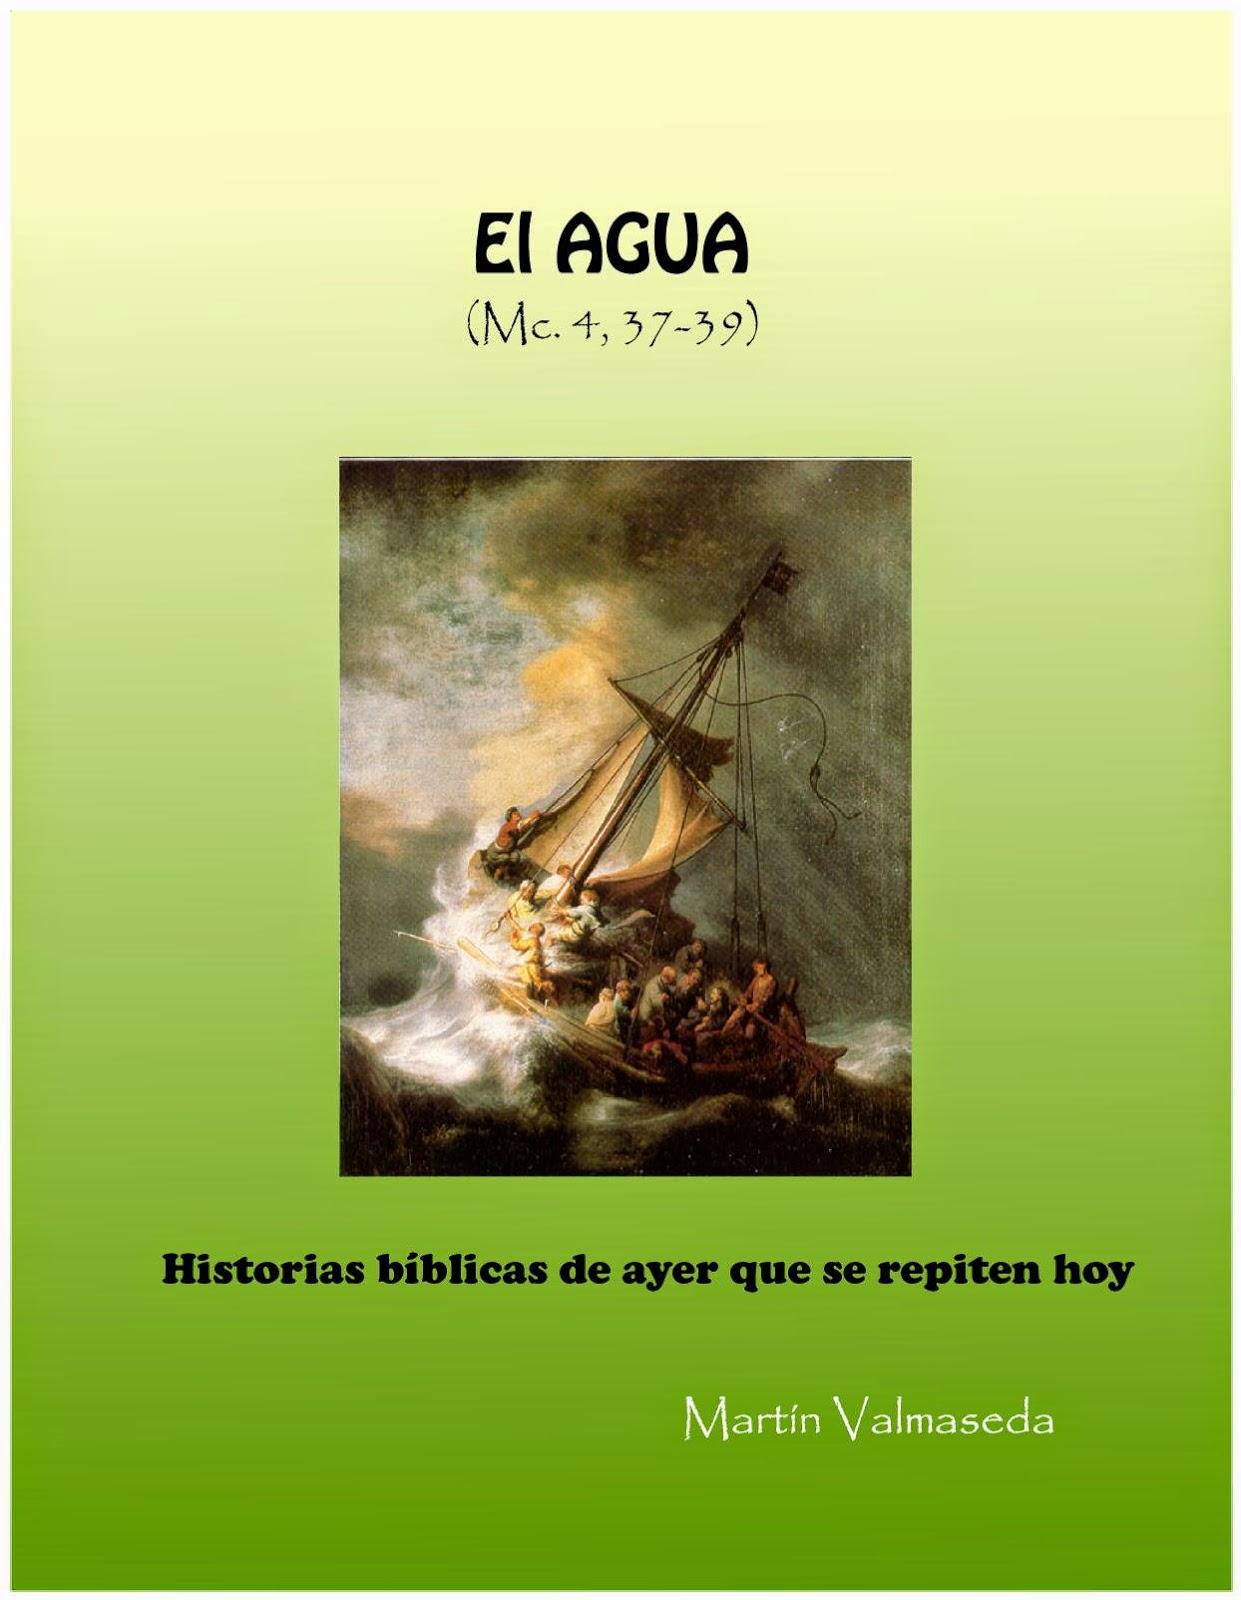 http://martinvalmasedasantillana.blogspot.com/2015/02/el-agua.html